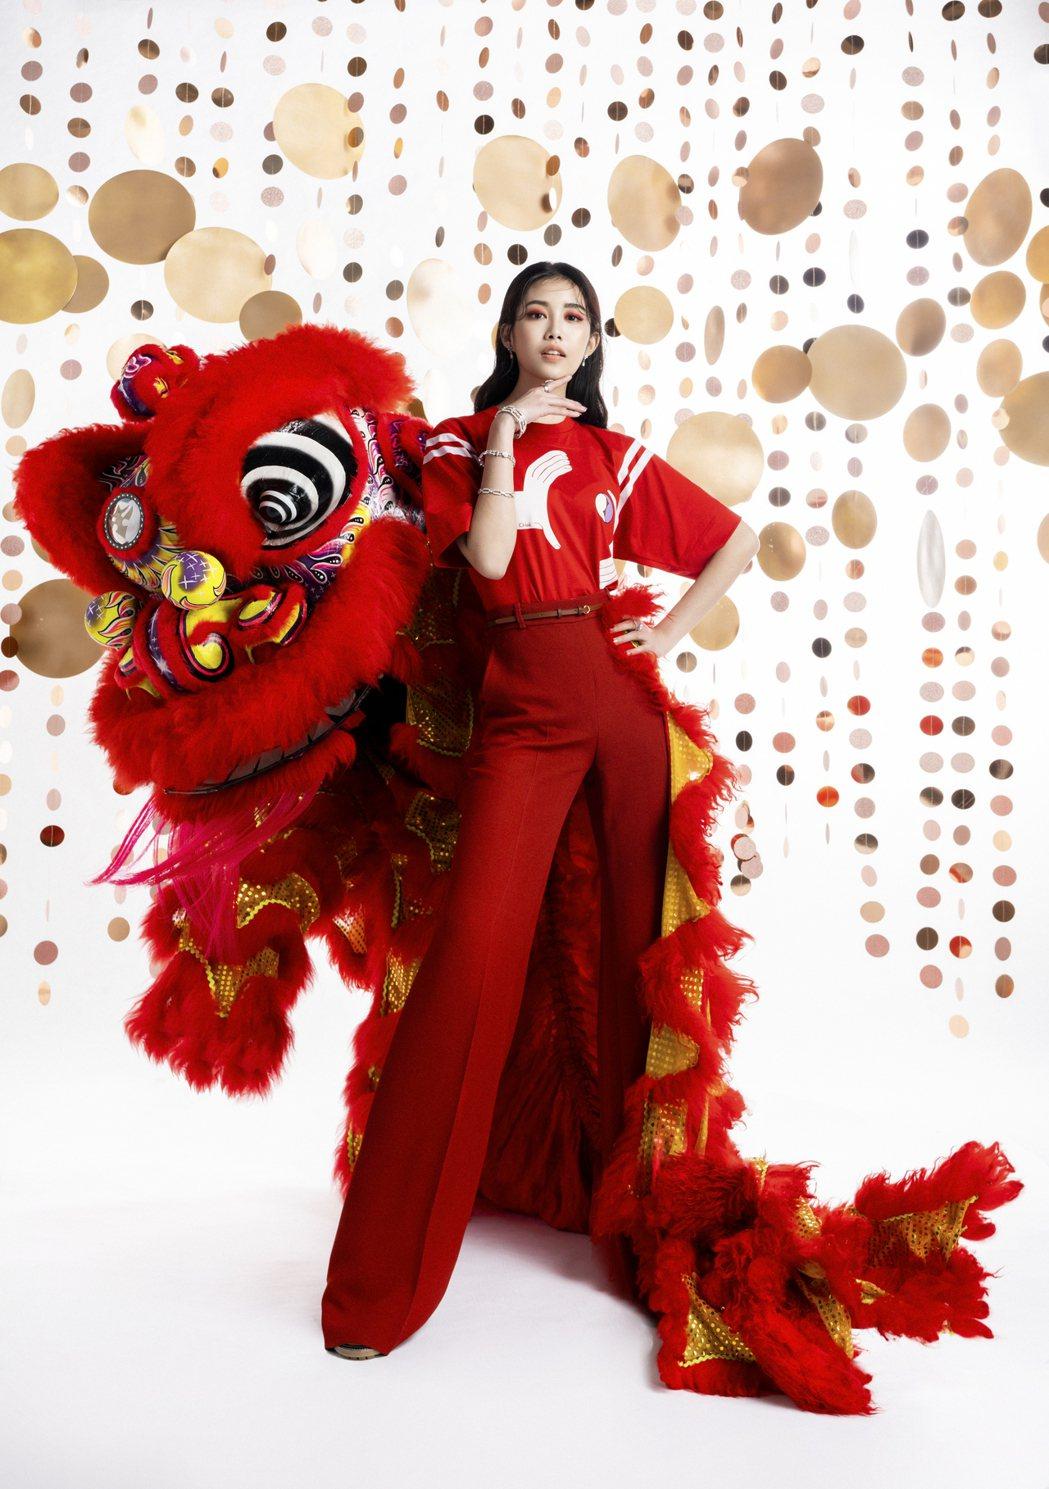 宋蘋恩與紅色「關公獅」拍攝時尚封面。圖/微風提供